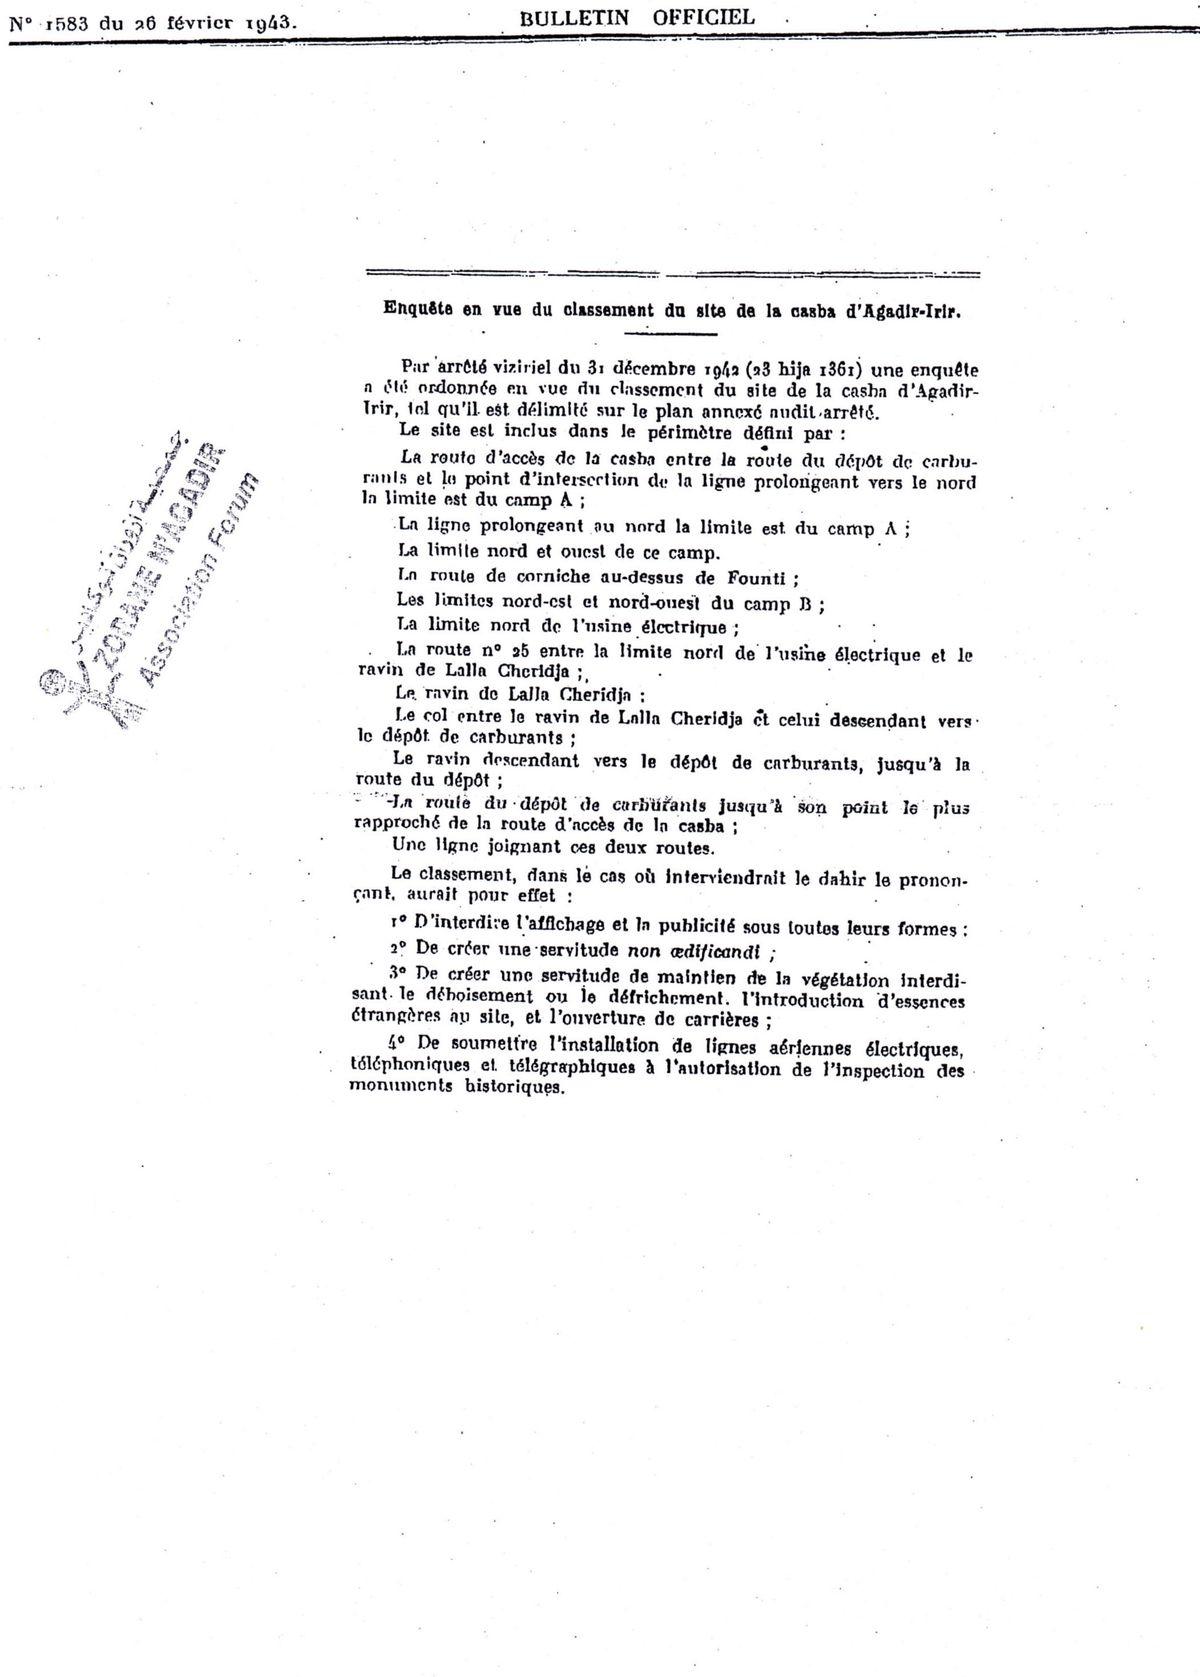 """Enquête en vue du classement de la """"Casbah d'Agadir-Irir"""""""